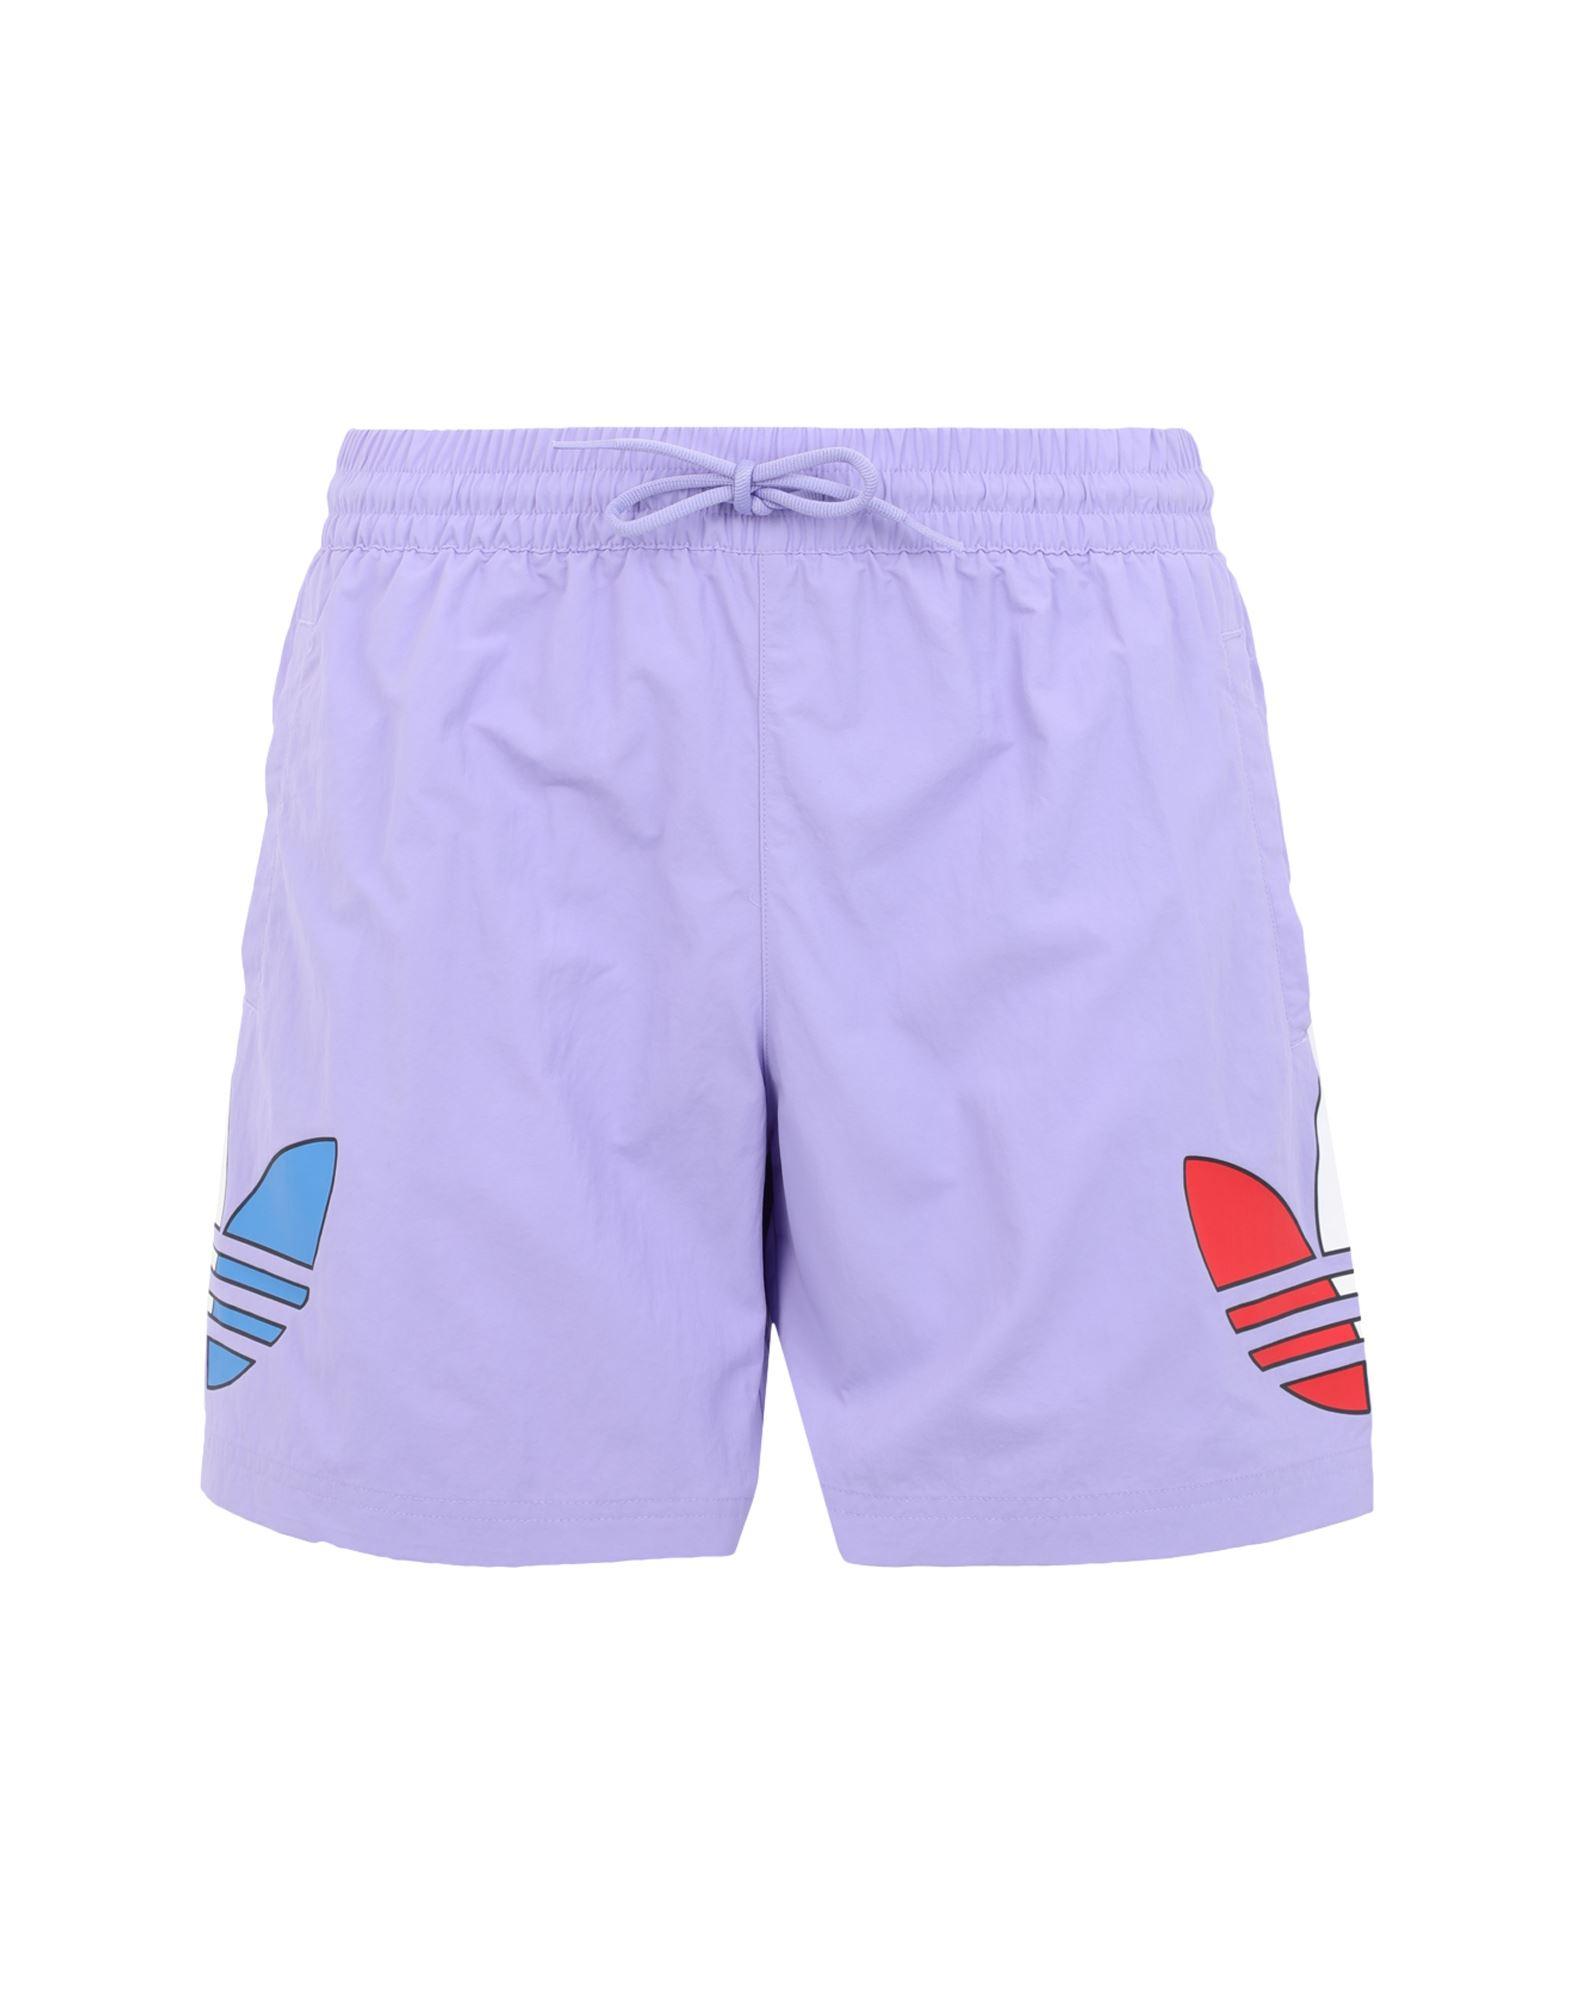 ADIDAS ORIGINALS Swim trunks - Item 47283715